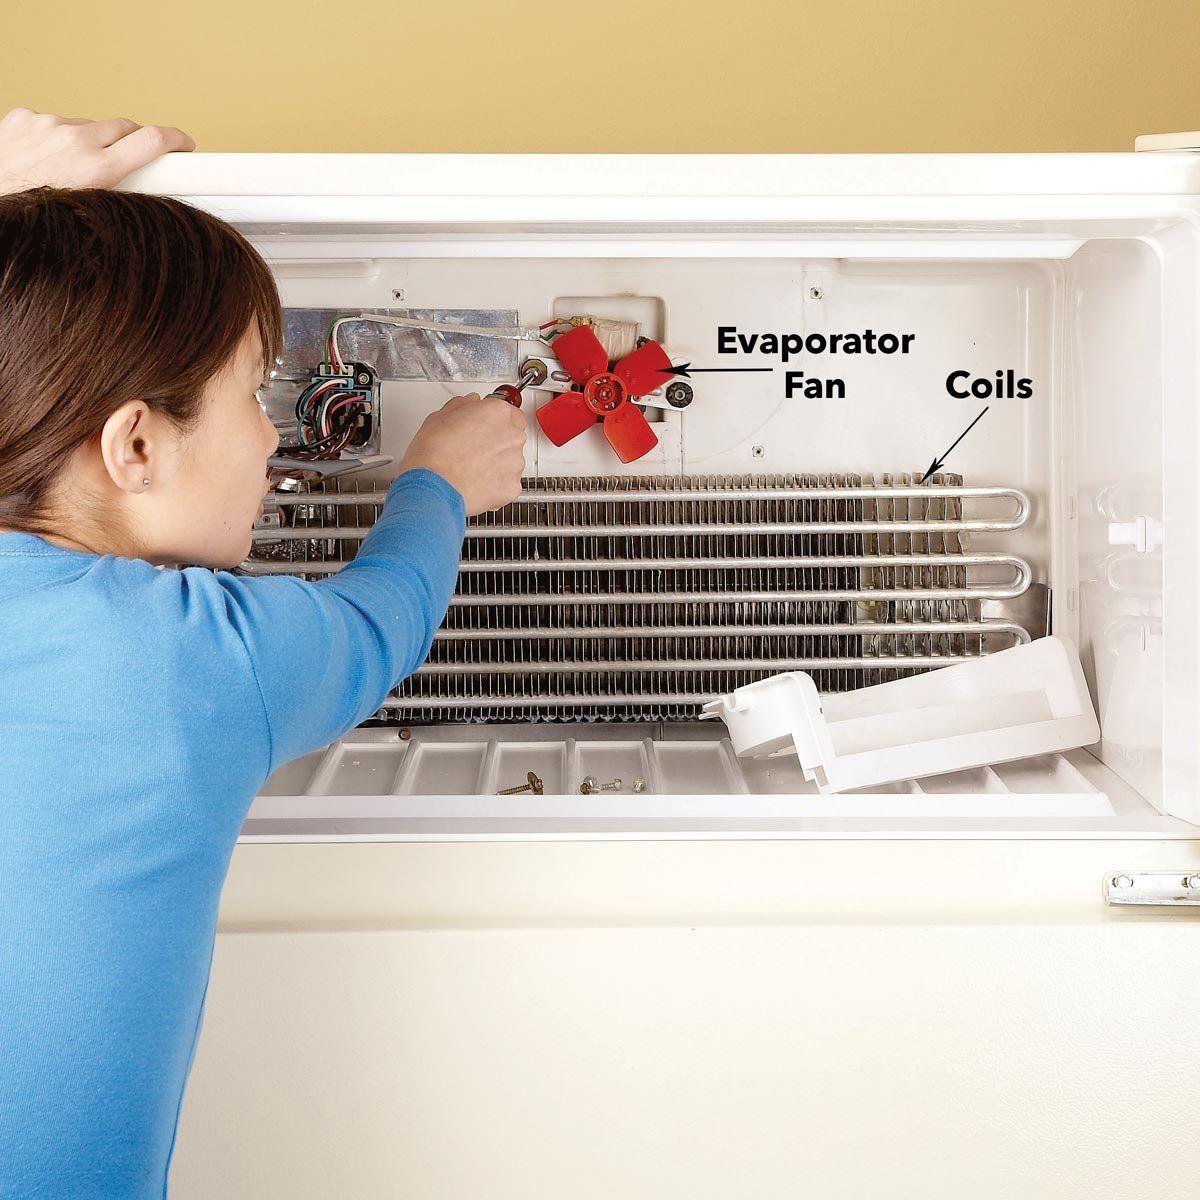 الاعطال الشائعه في ثلاجات ايديال والاسباب وطرق الاصلاح Freezer